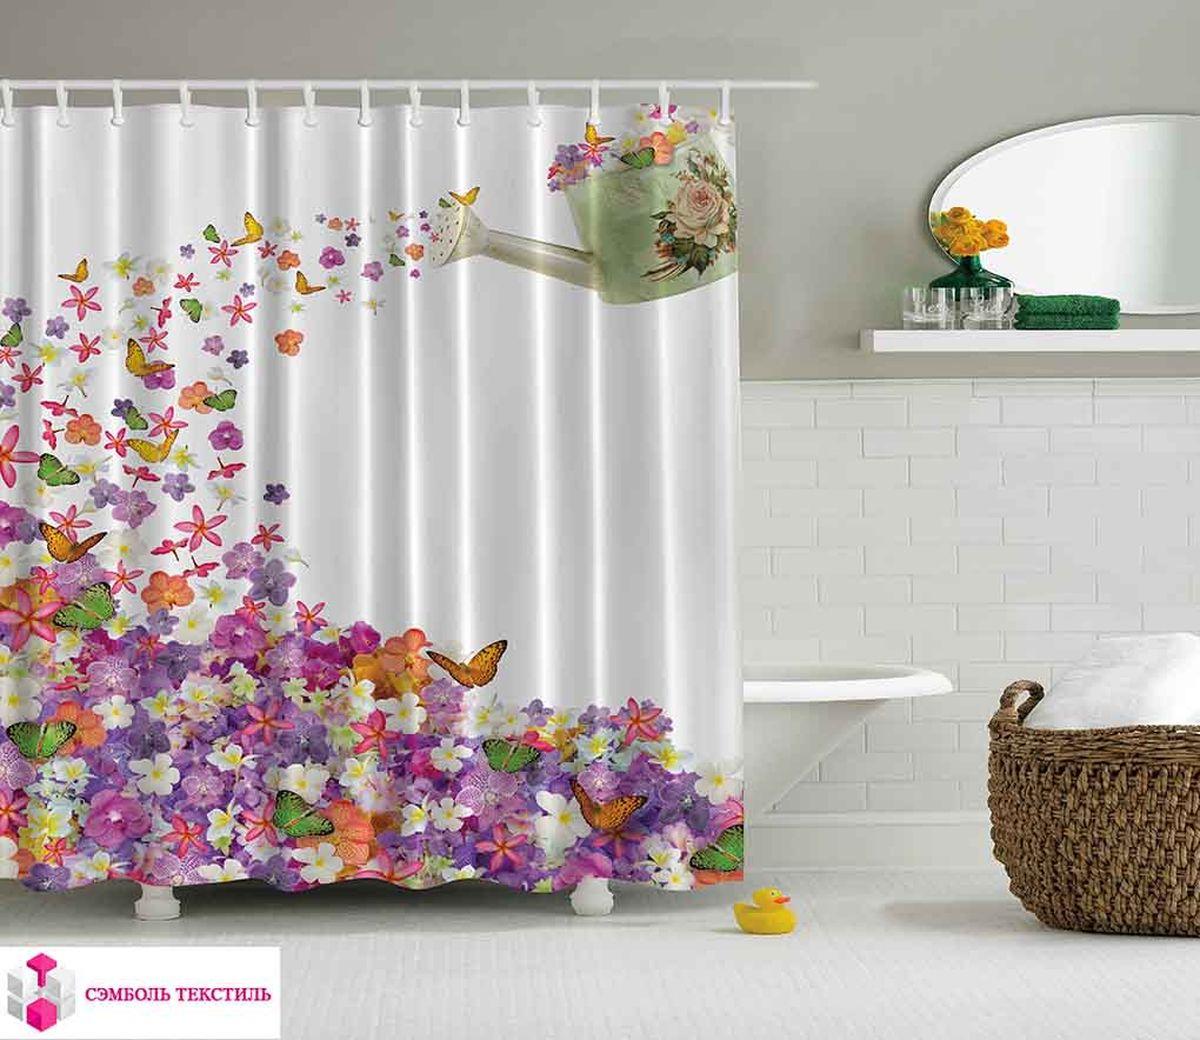 Штора для ванной комнаты Magic Lady Цветочный рай, 180 х 200 смшв_5243Штора Magic Lady Цветочный рай, изготовленная из высококачественного сатена (полиэстер 100%), отлично дополнит любой интерьер ванной комнаты. При изготовлении используются специальные гипоаллергенные чернила для прямой печати по ткани, безопасные для человека.В комплекте: 1 штора, 12 крючков. Обращаем ваше внимание, фактический цвет изделия может незначительно отличаться от представленного на фото.